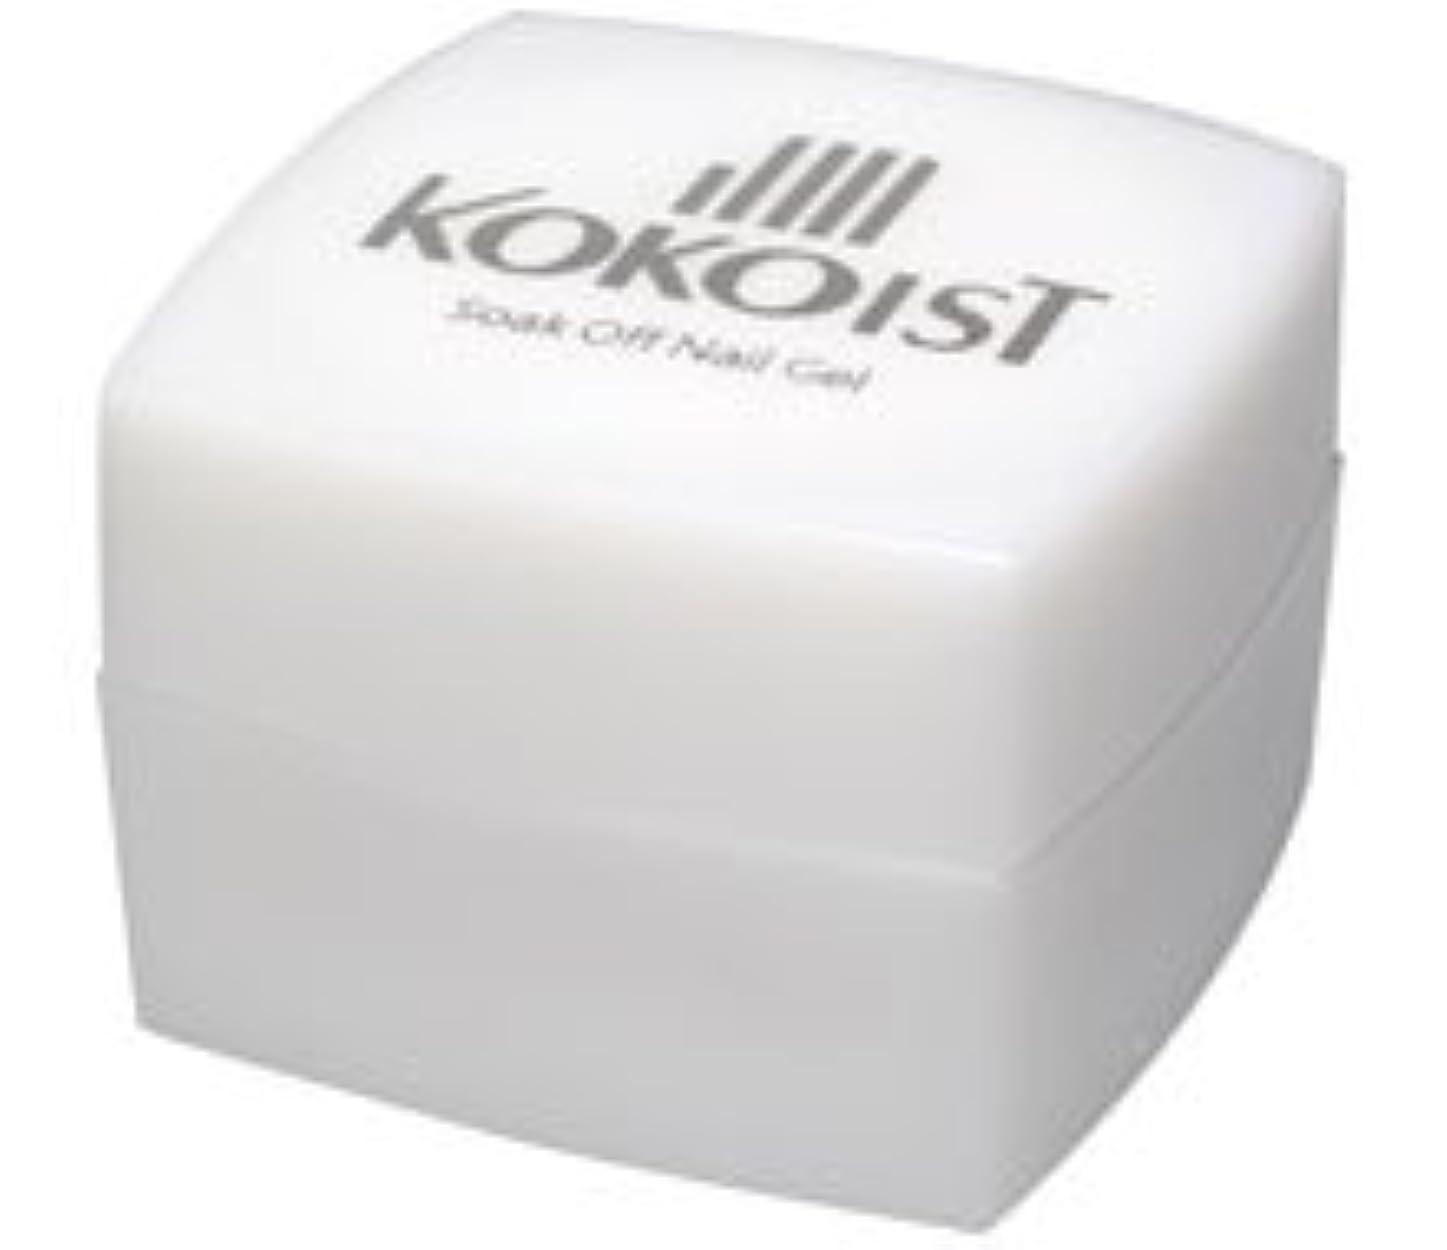 正確重くする電話するKOKOIST(ココイスト) ソークオフ クリアジェル プラチナボンドII 4g